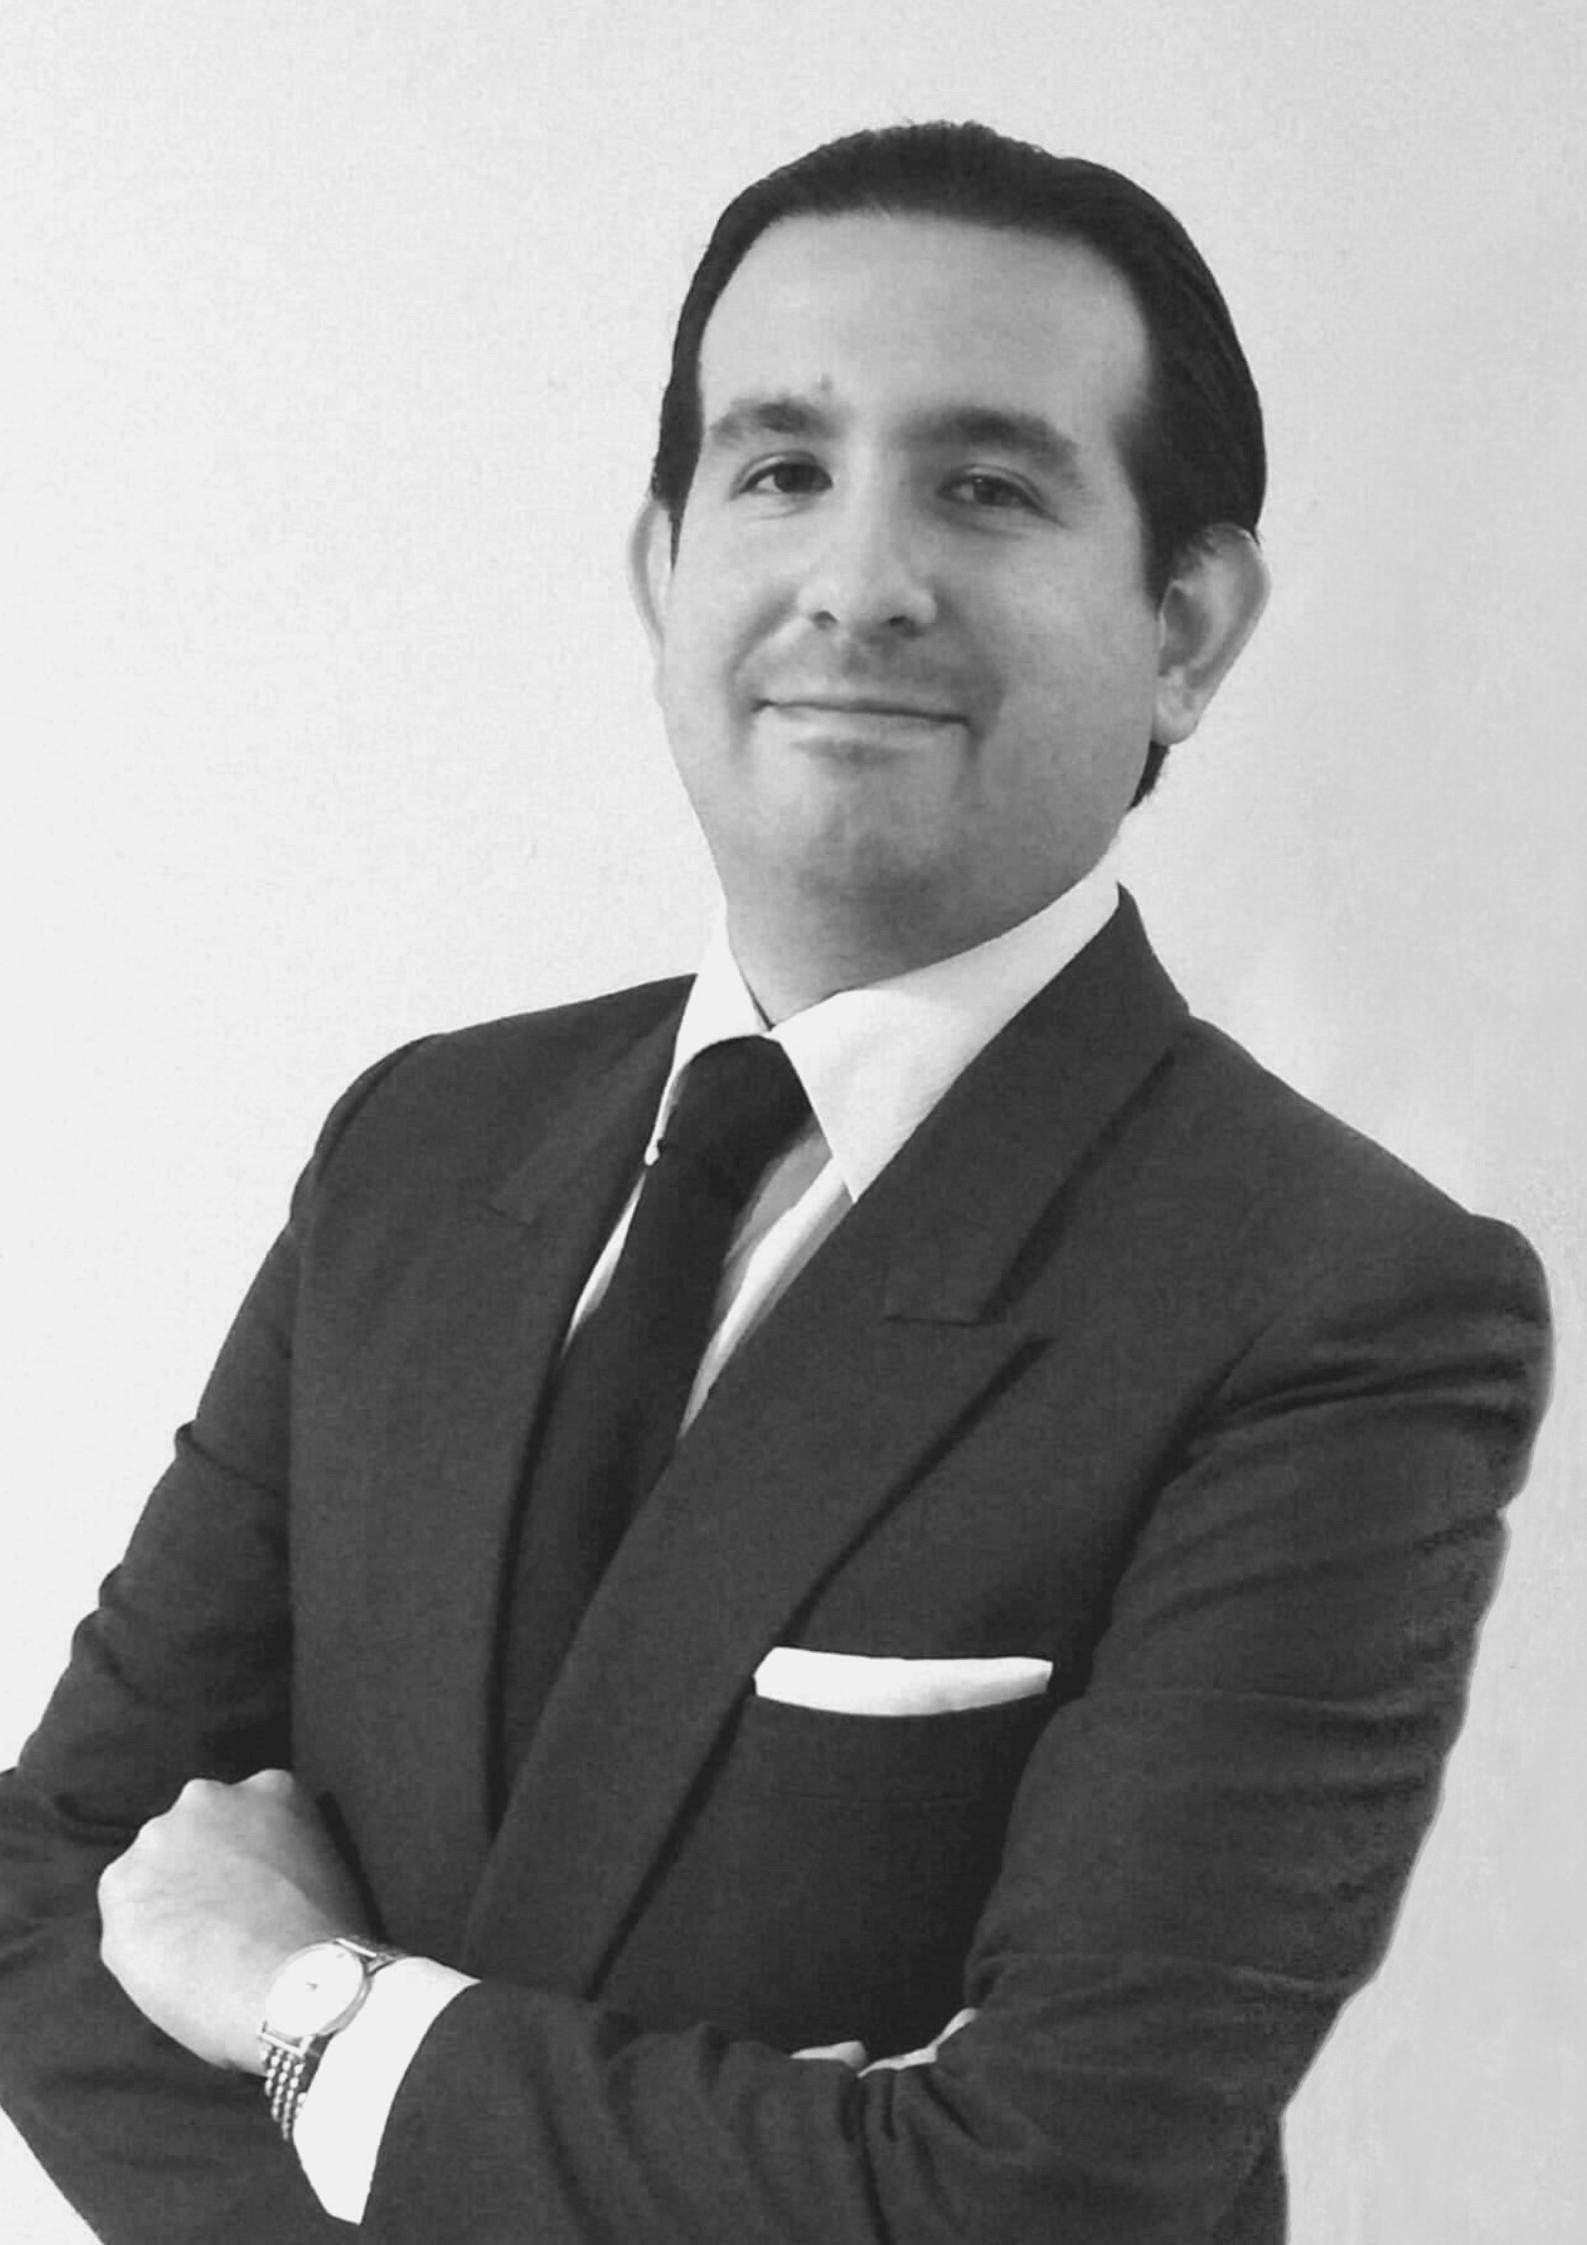 Rubén Valdivia